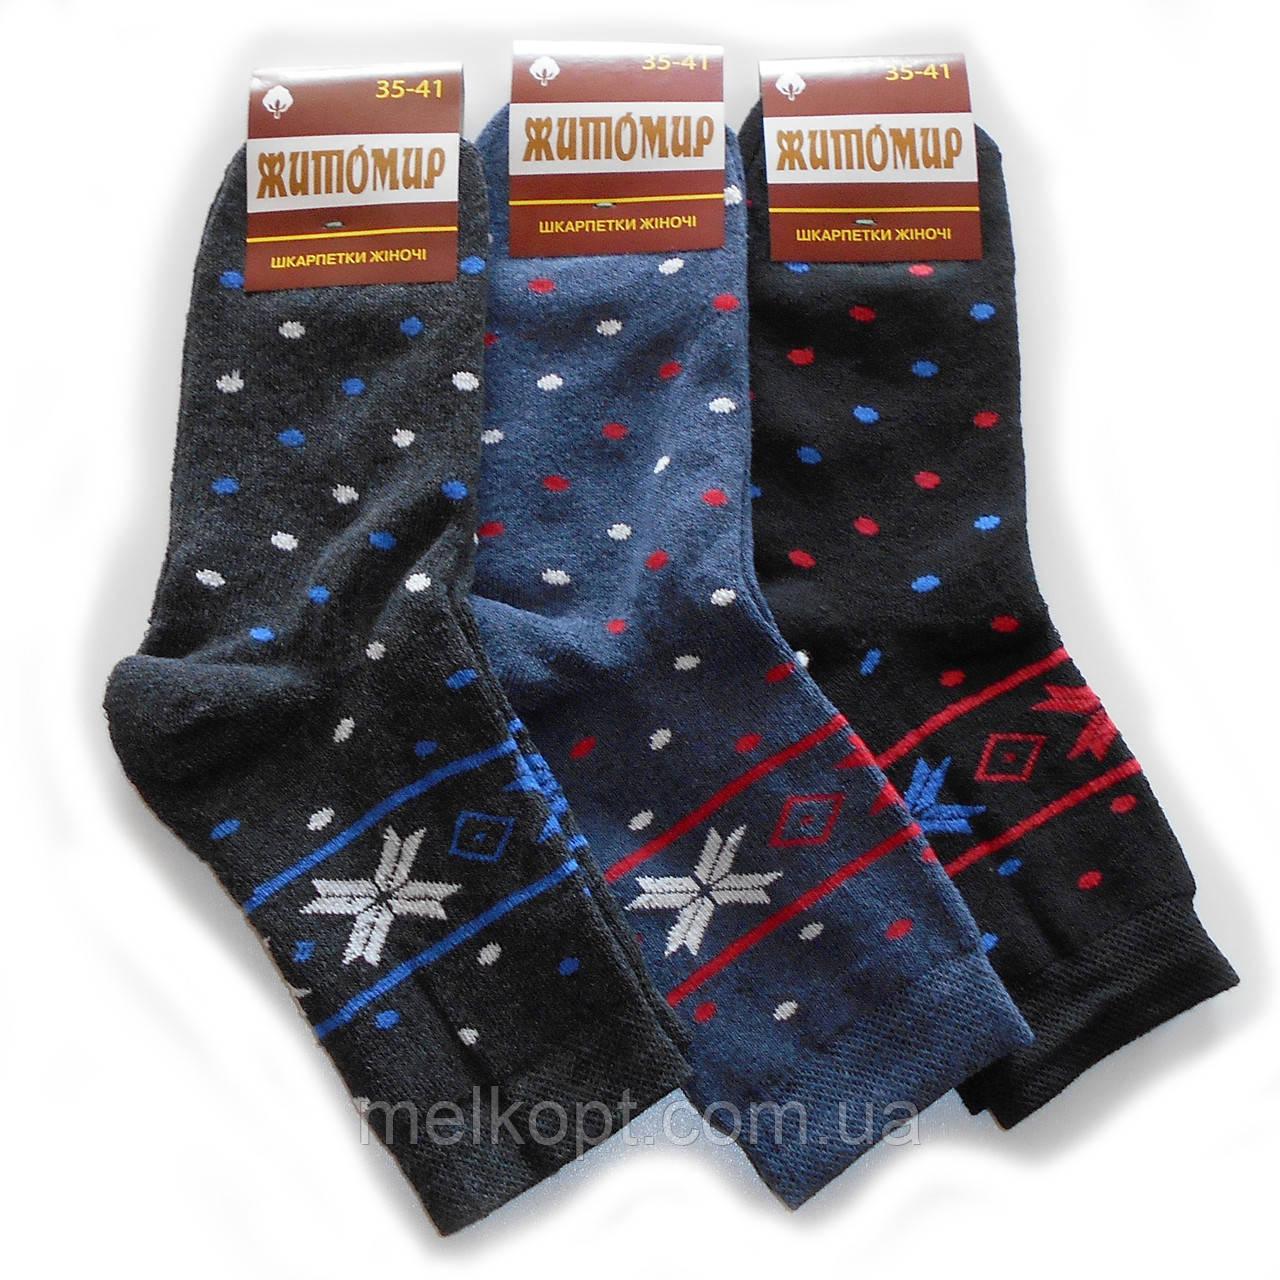 Женские махровые носки Житомир - 11,50 грн./пара (горошек)